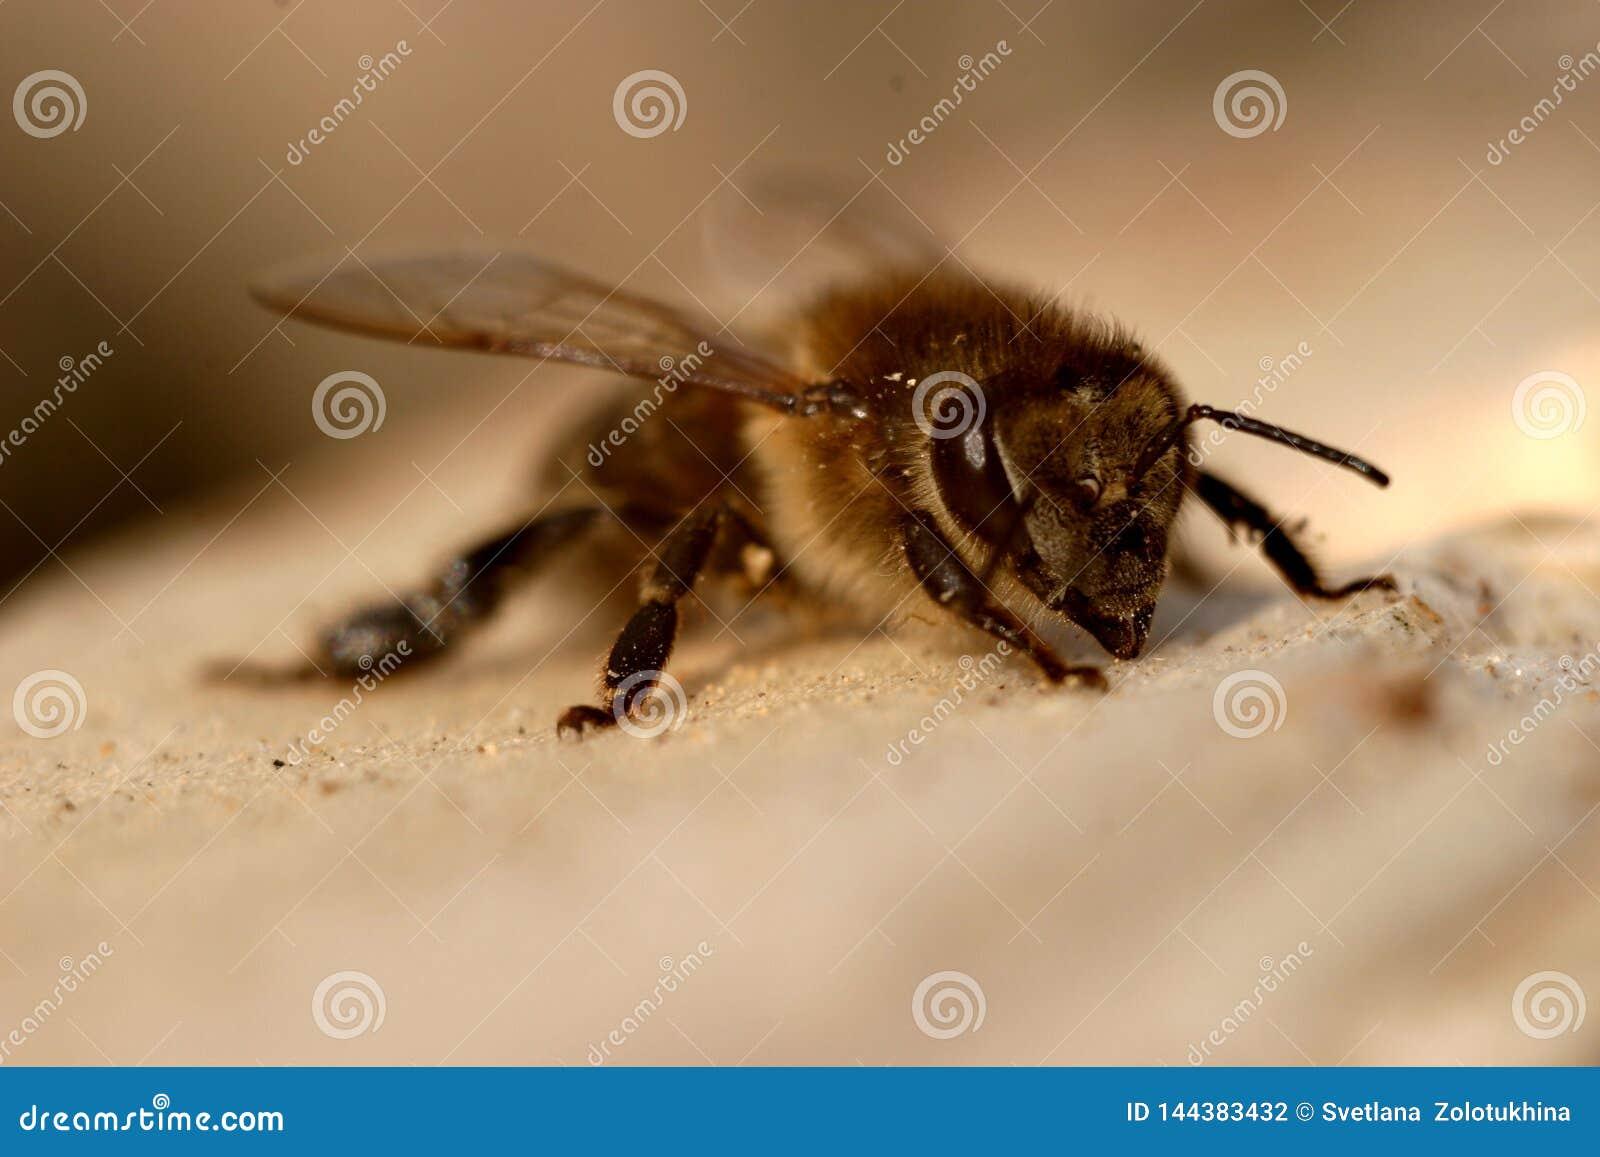 Die Biene aalt sich in der Sonne